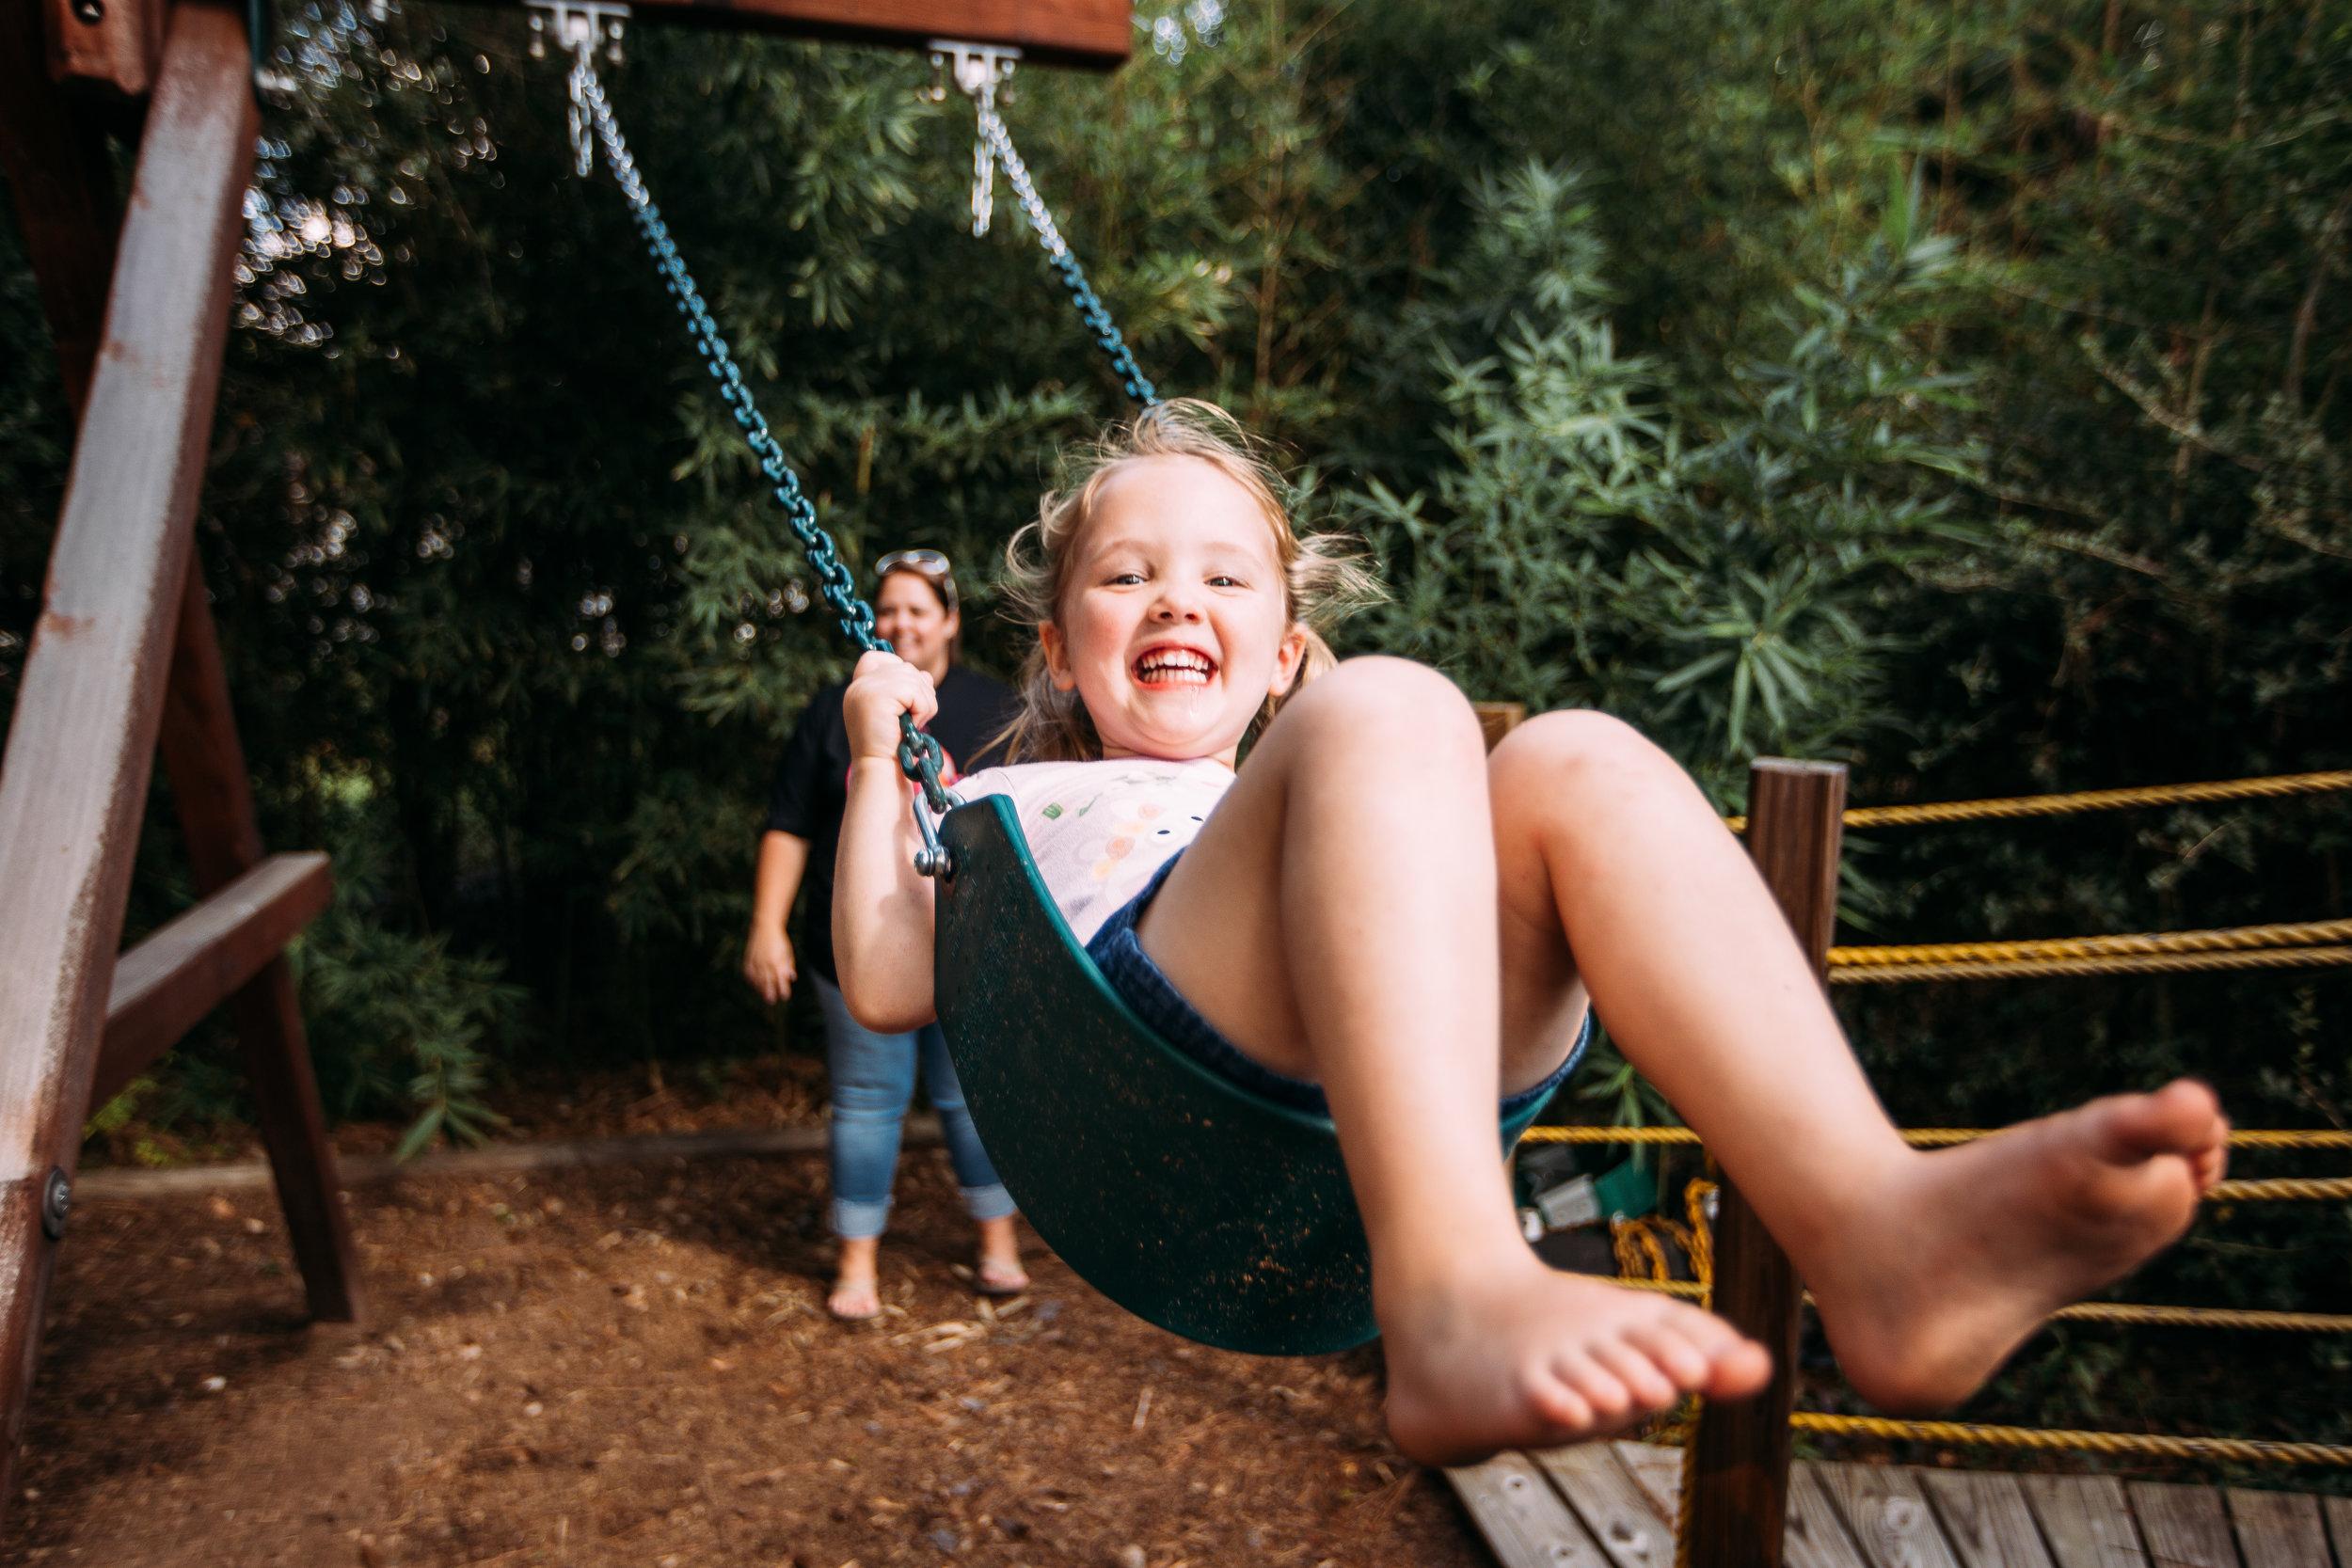 family-photographer-houston-6274.jpg